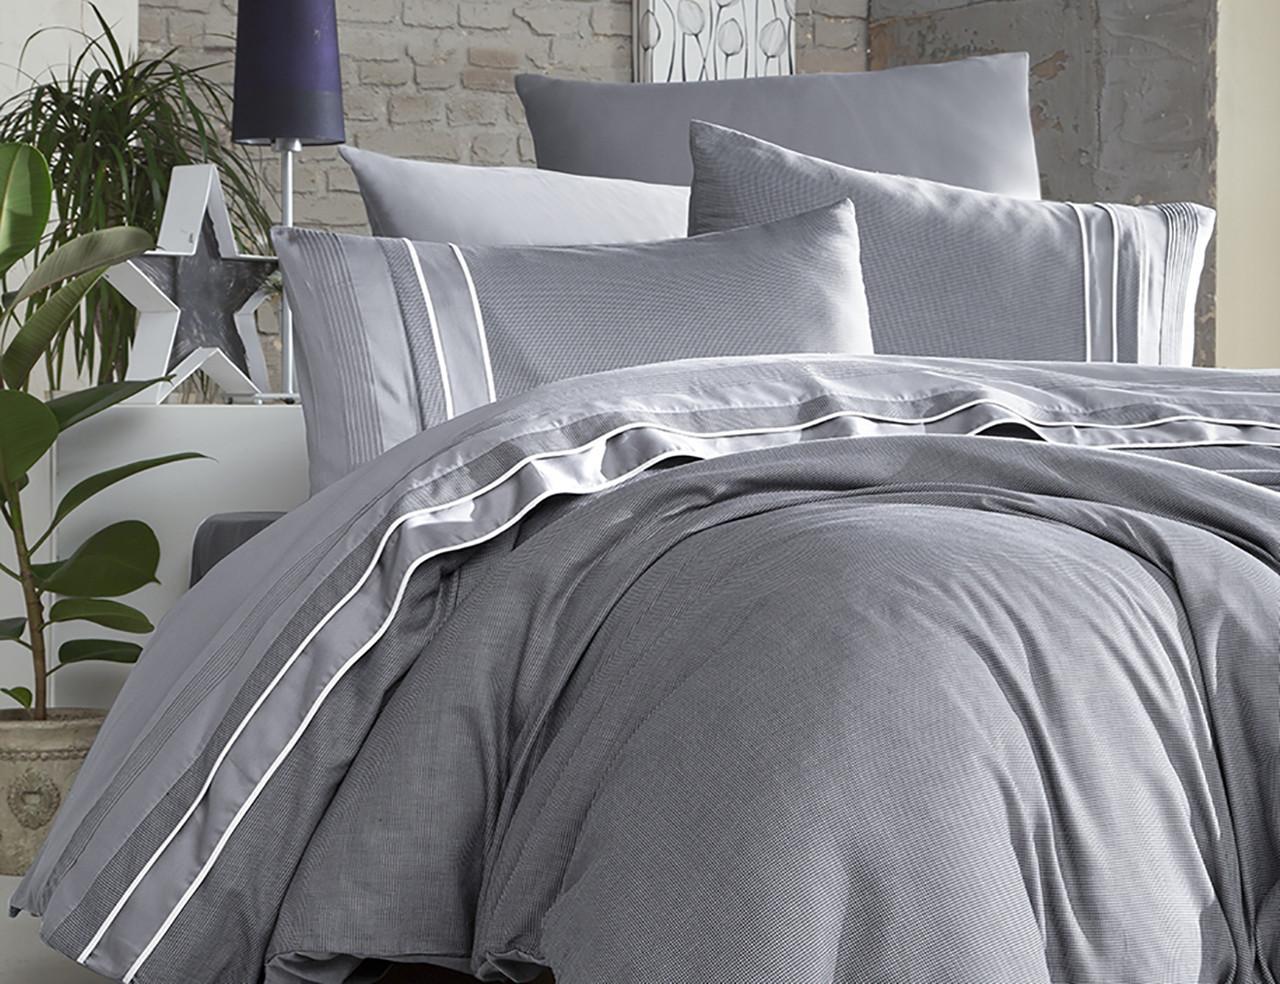 Шикарный Комплект постельного белья евро Moonlight V.I.P Imaj Gri Турция бренд First Choice